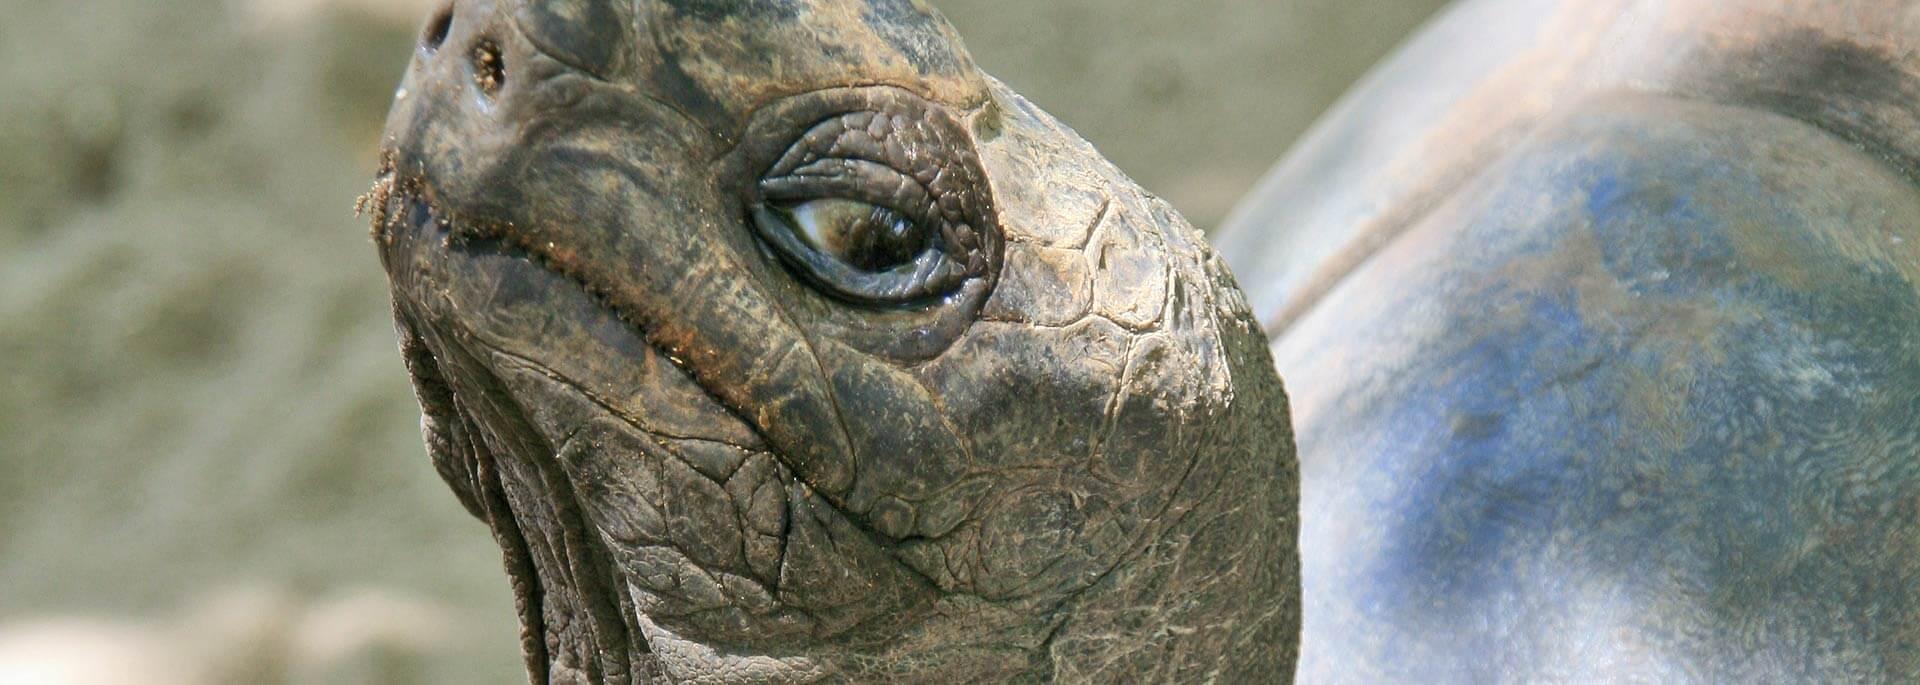 Fotos: Riesenschildkröten auf den Seychellen